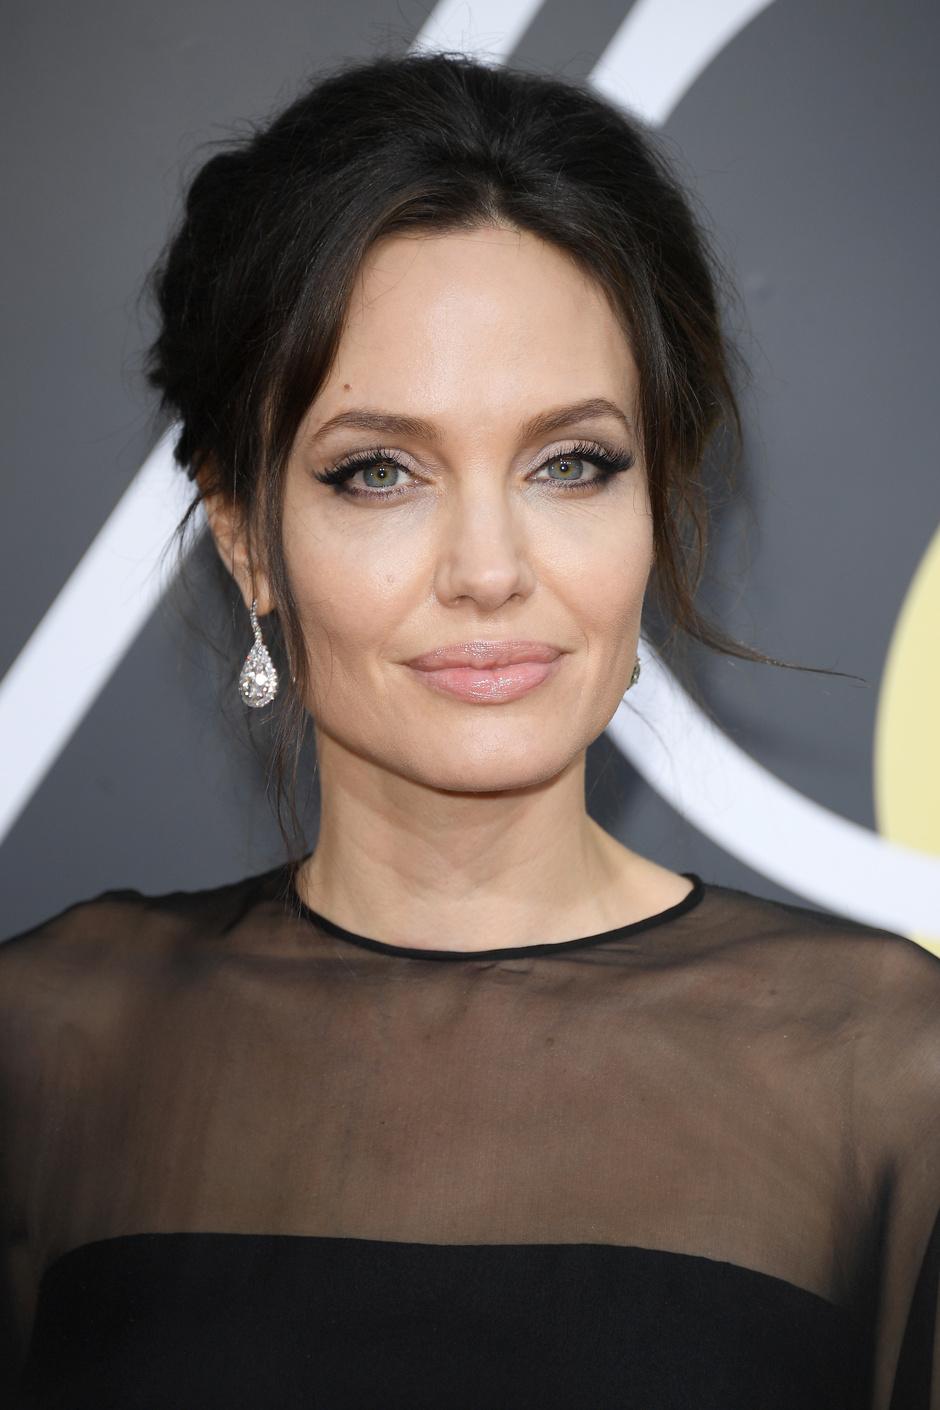 Дива дивная: Анджелина Джоли на «Золотом глобусе — 2018» (фото 4)